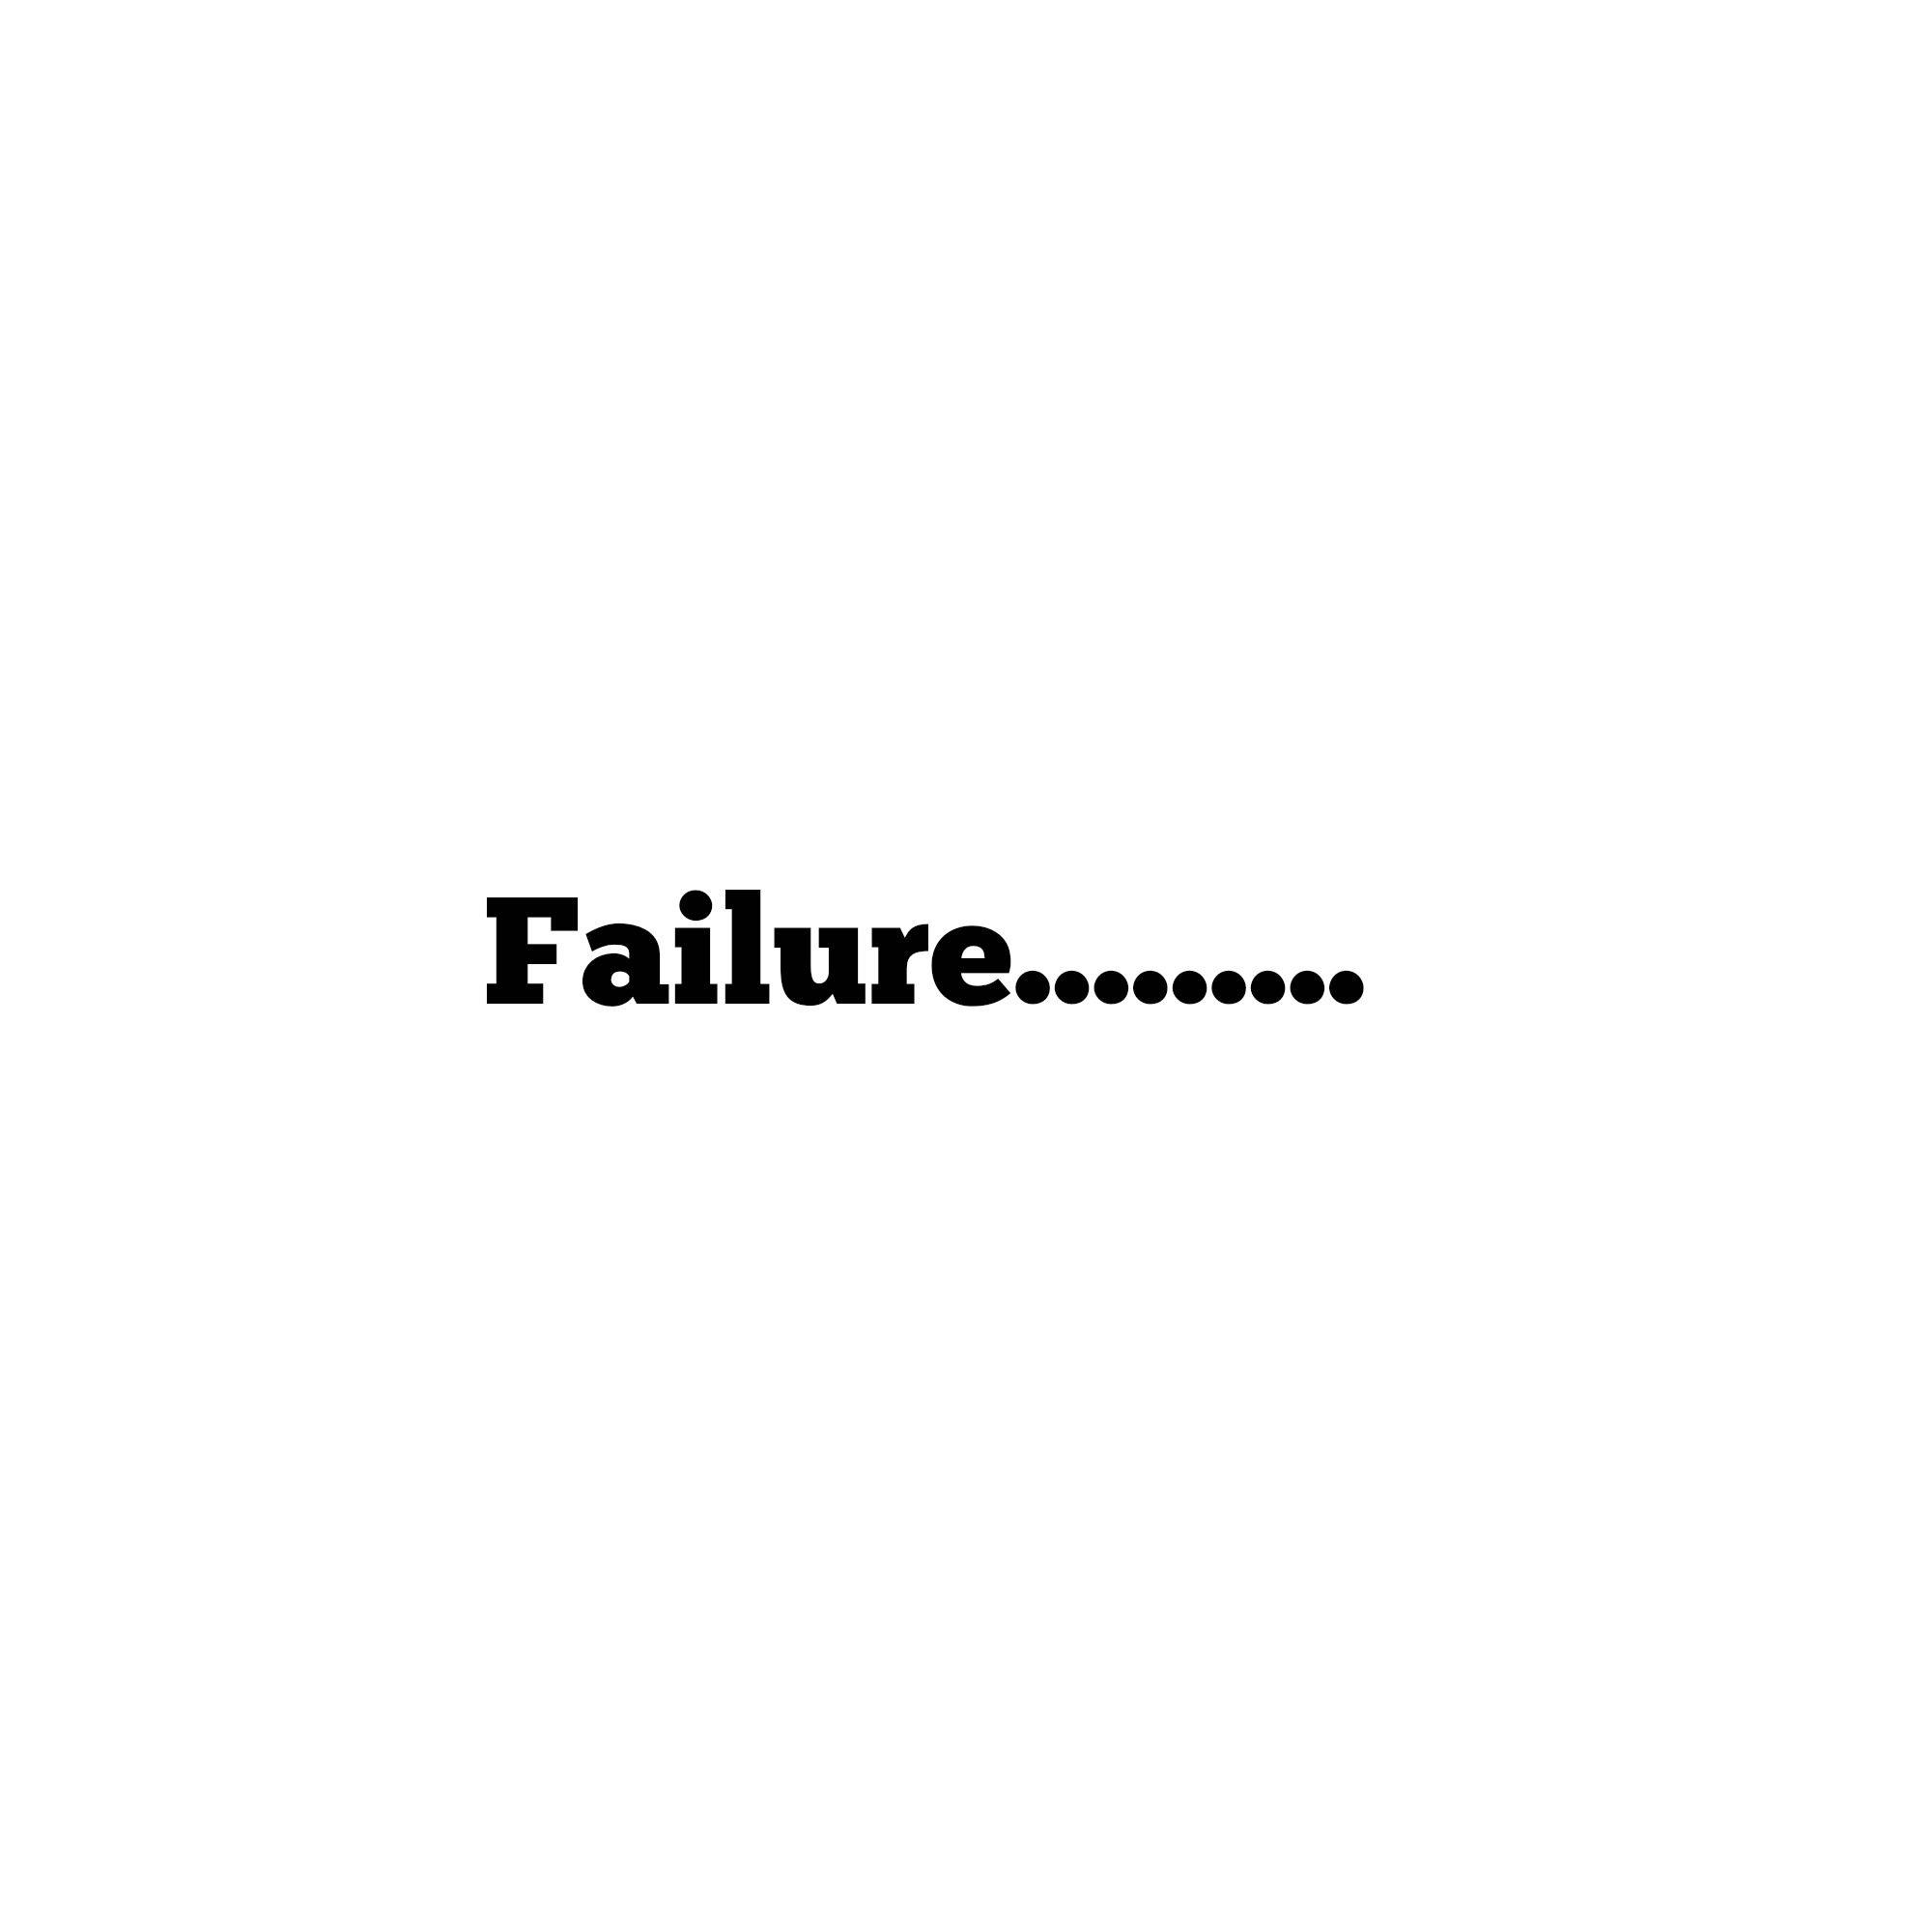 Truthful Tuesday: Failure